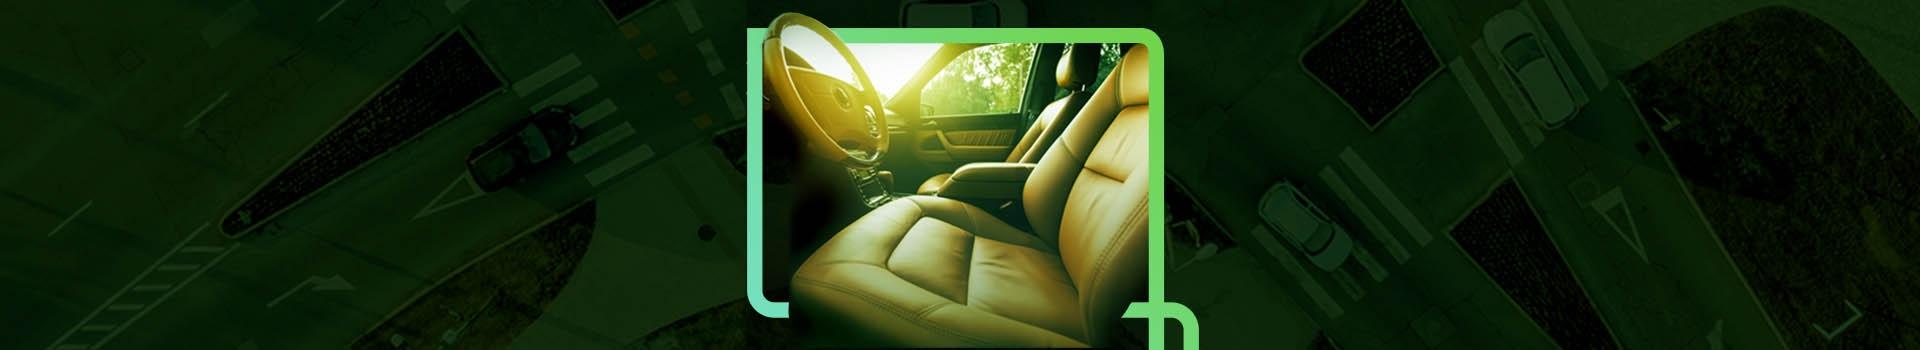 A imagem apresenta o banco de um carro, dentro do elemento da marca Estap